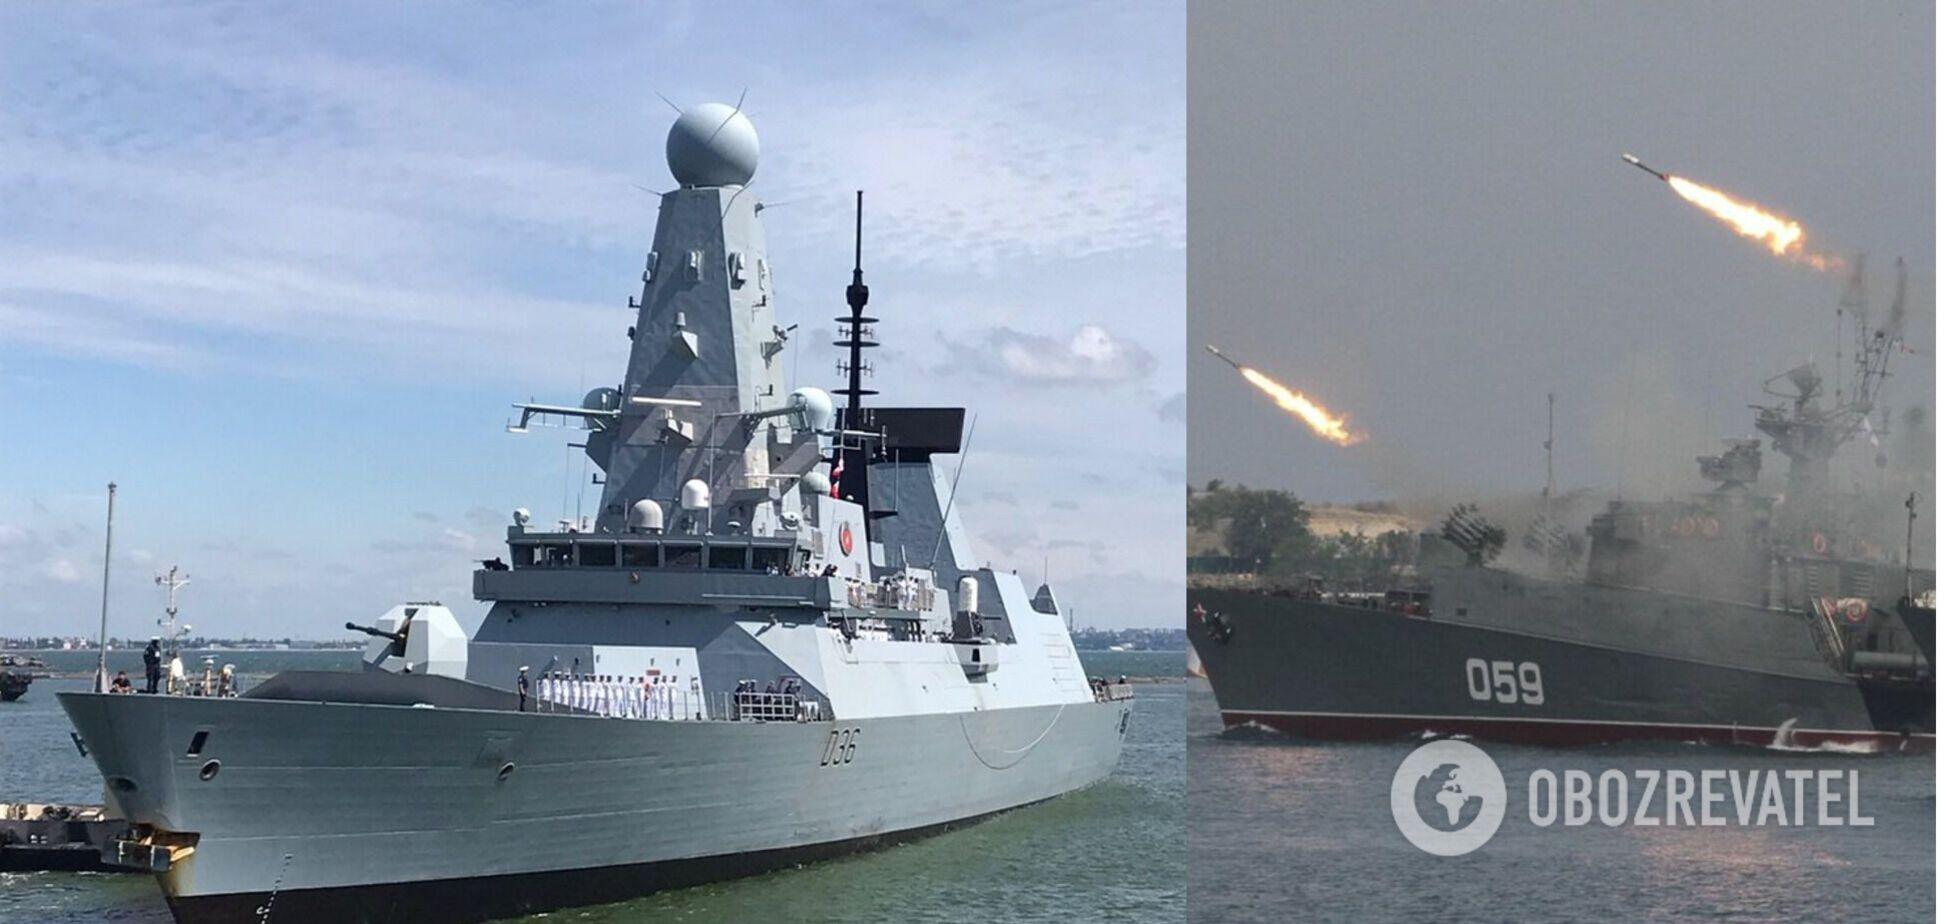 У Росії заявили, що обстріляли британський есмінець: англійці спростували